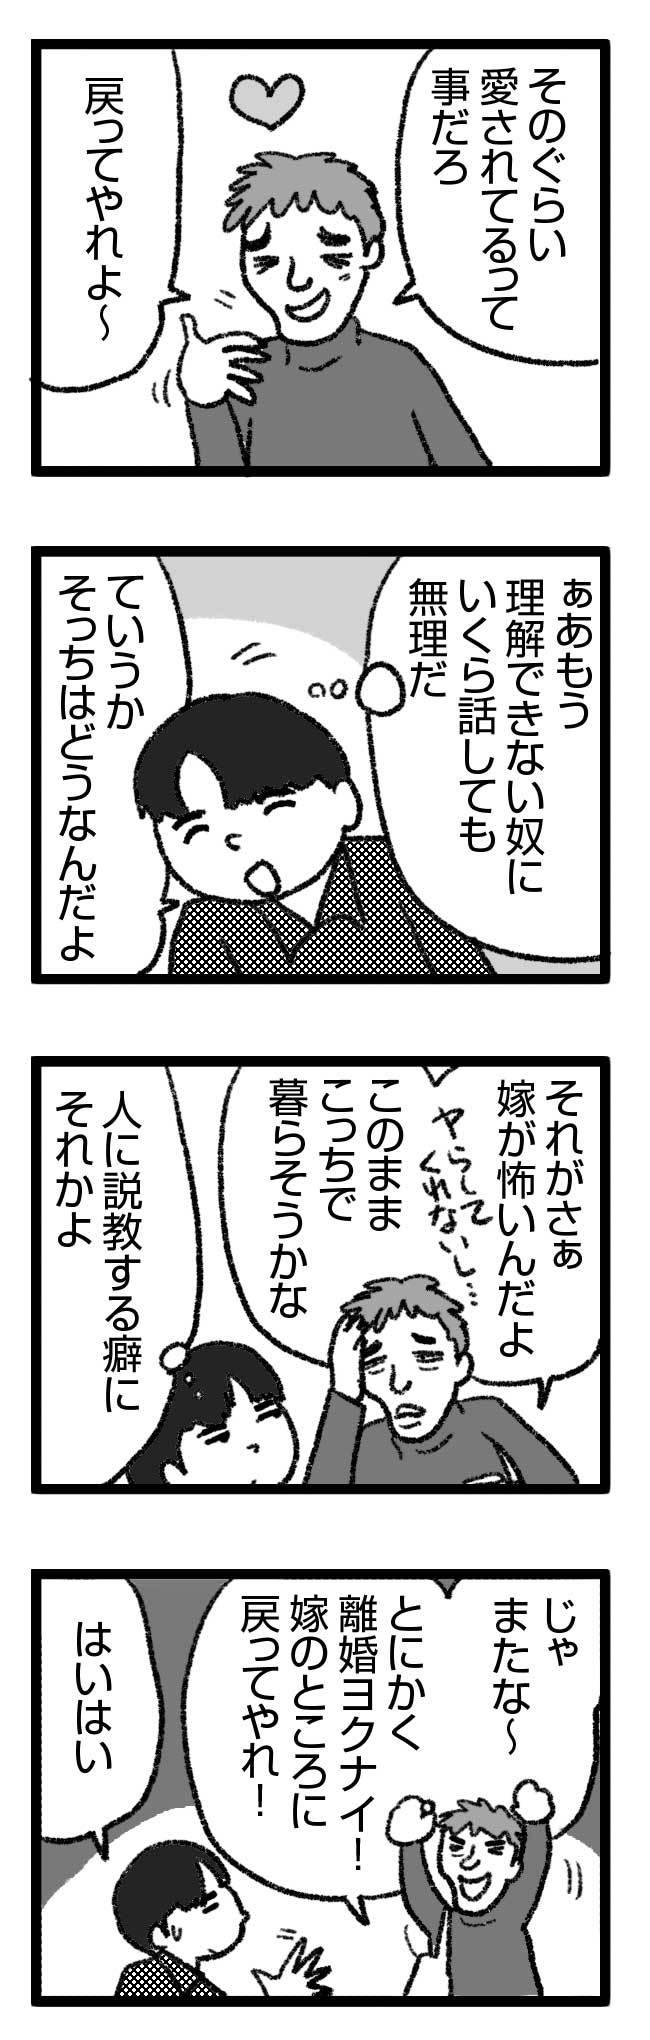 554 離婚ヨクナイ 2 結婚 離婚 別居 別居中 メンヘラ うつ 辛い 漫画 まんが マンガ